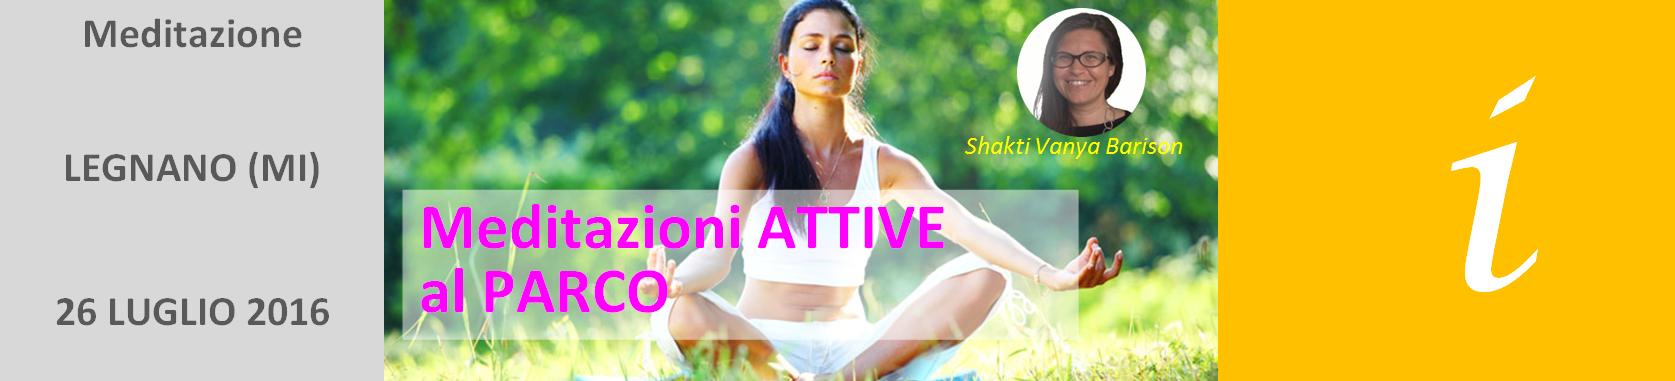 banner-meditazioni-attive-al-parco-legnano-26